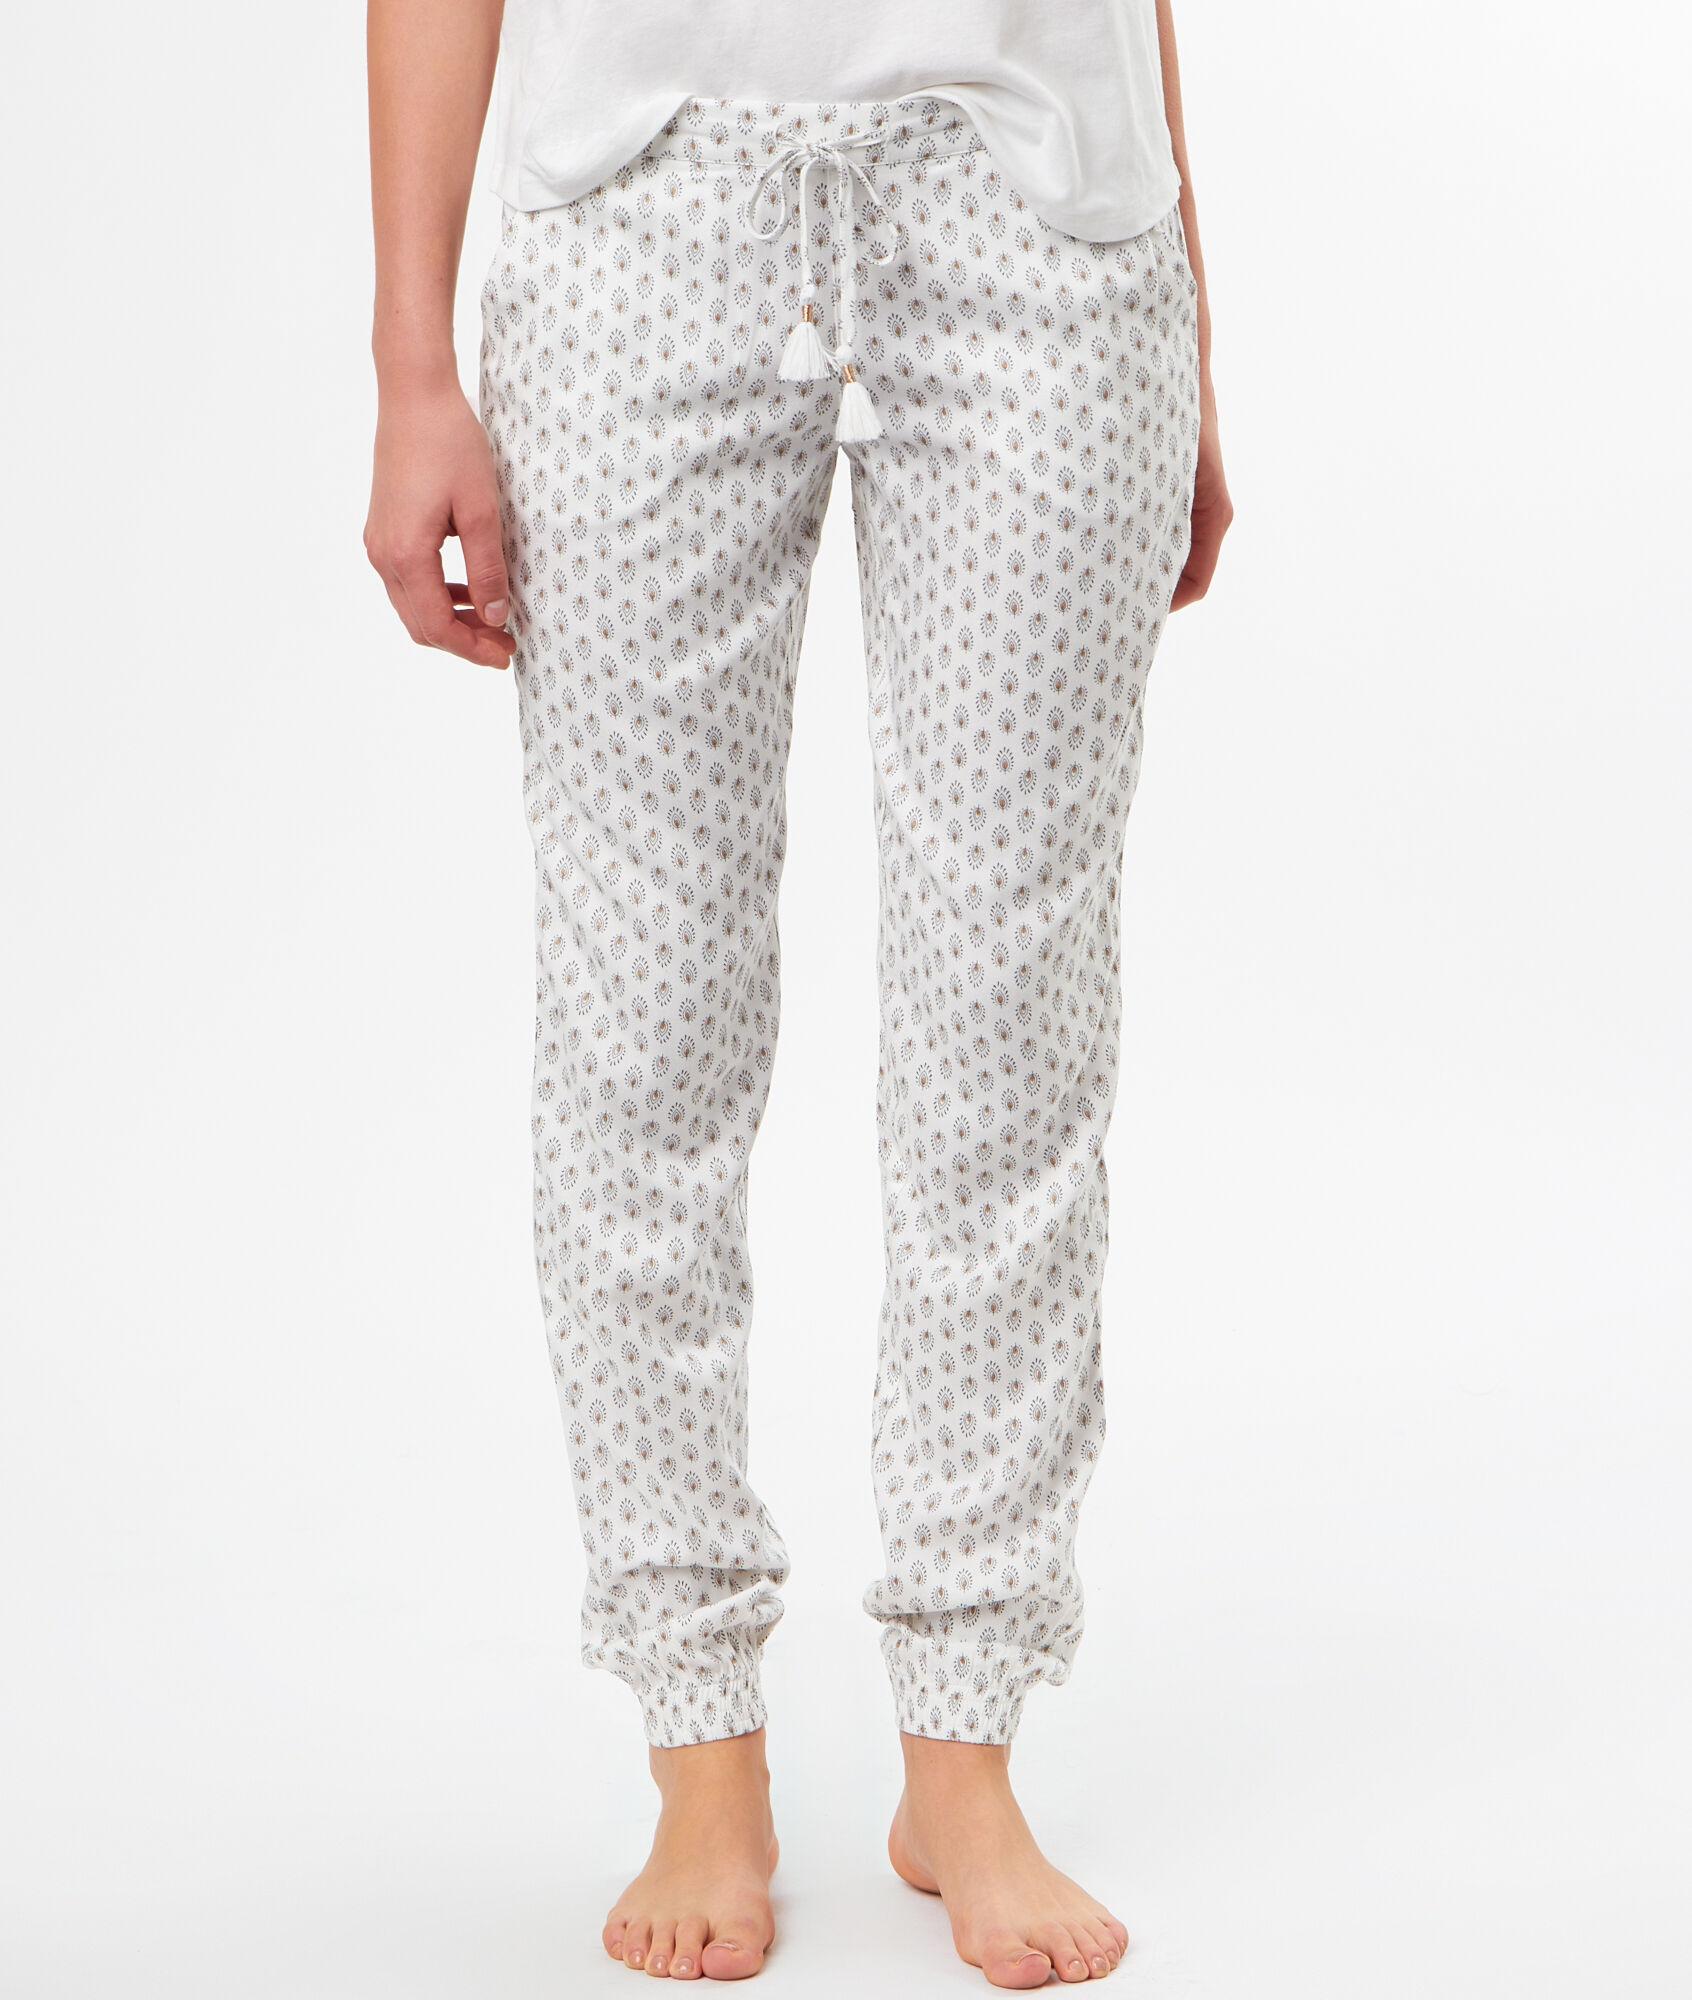 Imelie Pantalon Blanc Pantalon Etam Imprimé Imprimé twpP5xqYq a2980575e3f